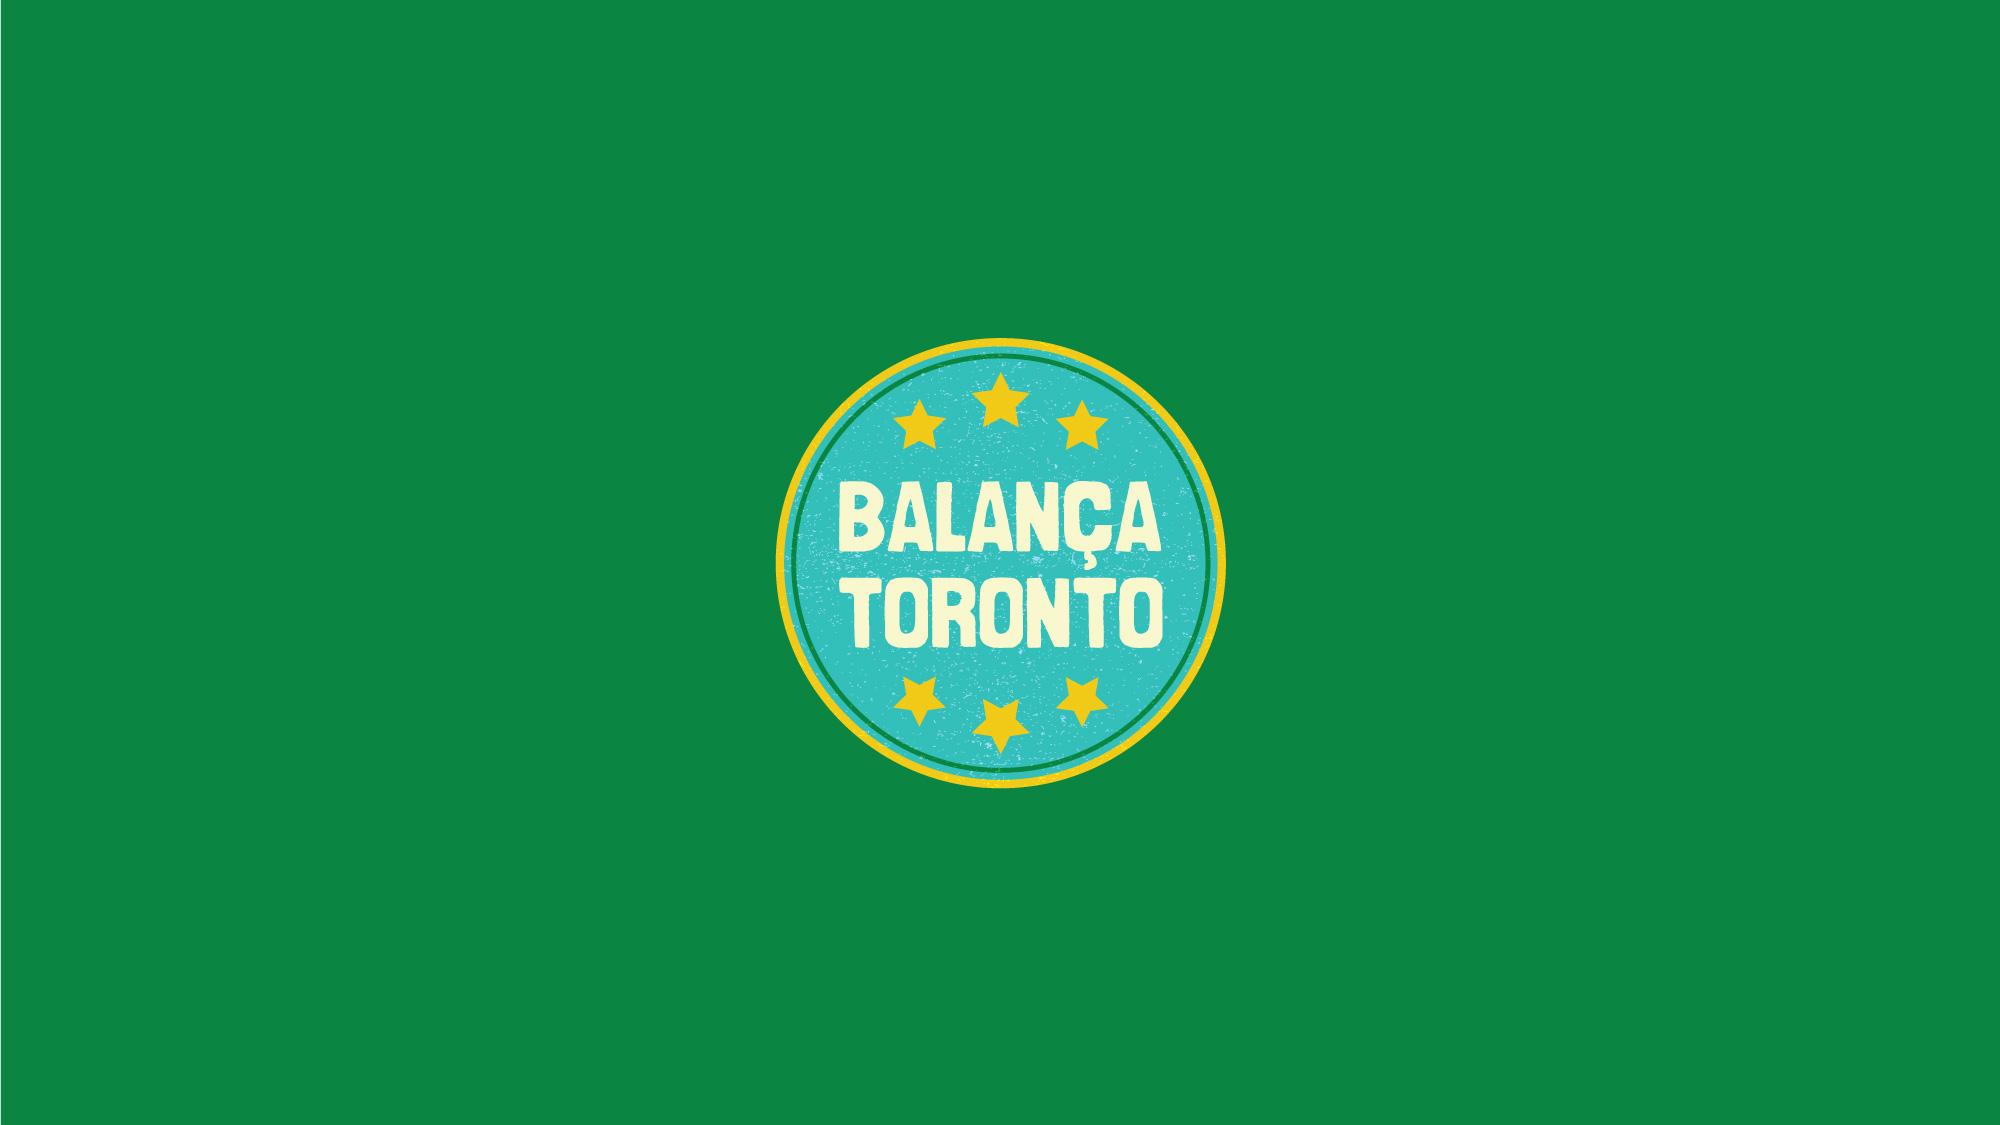 Balança Toronto